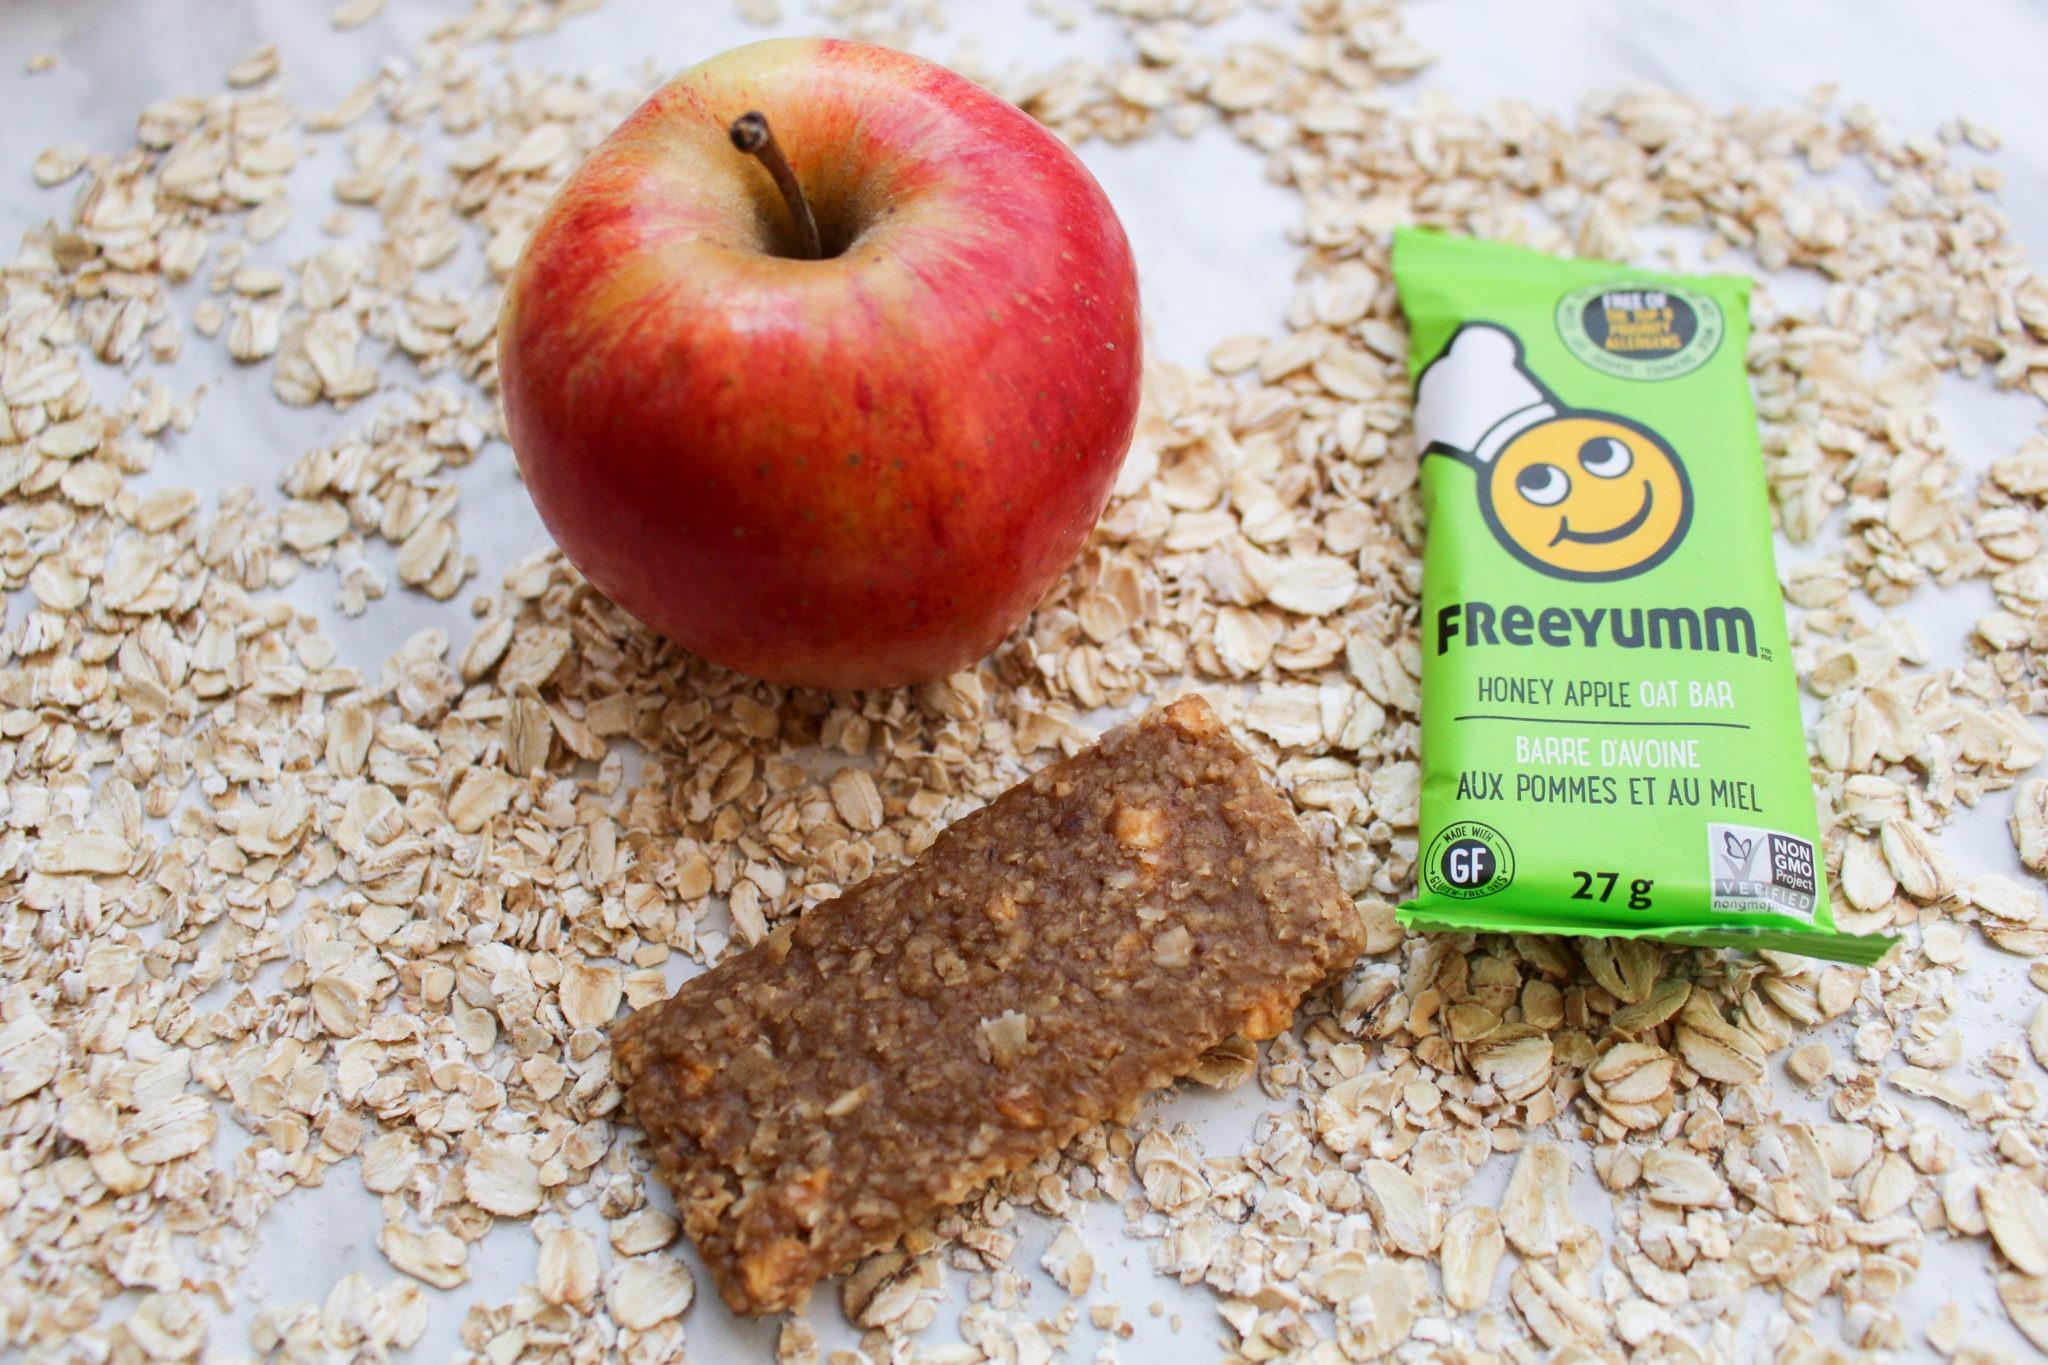 FreeYumm Allergen-Friendly Snacks